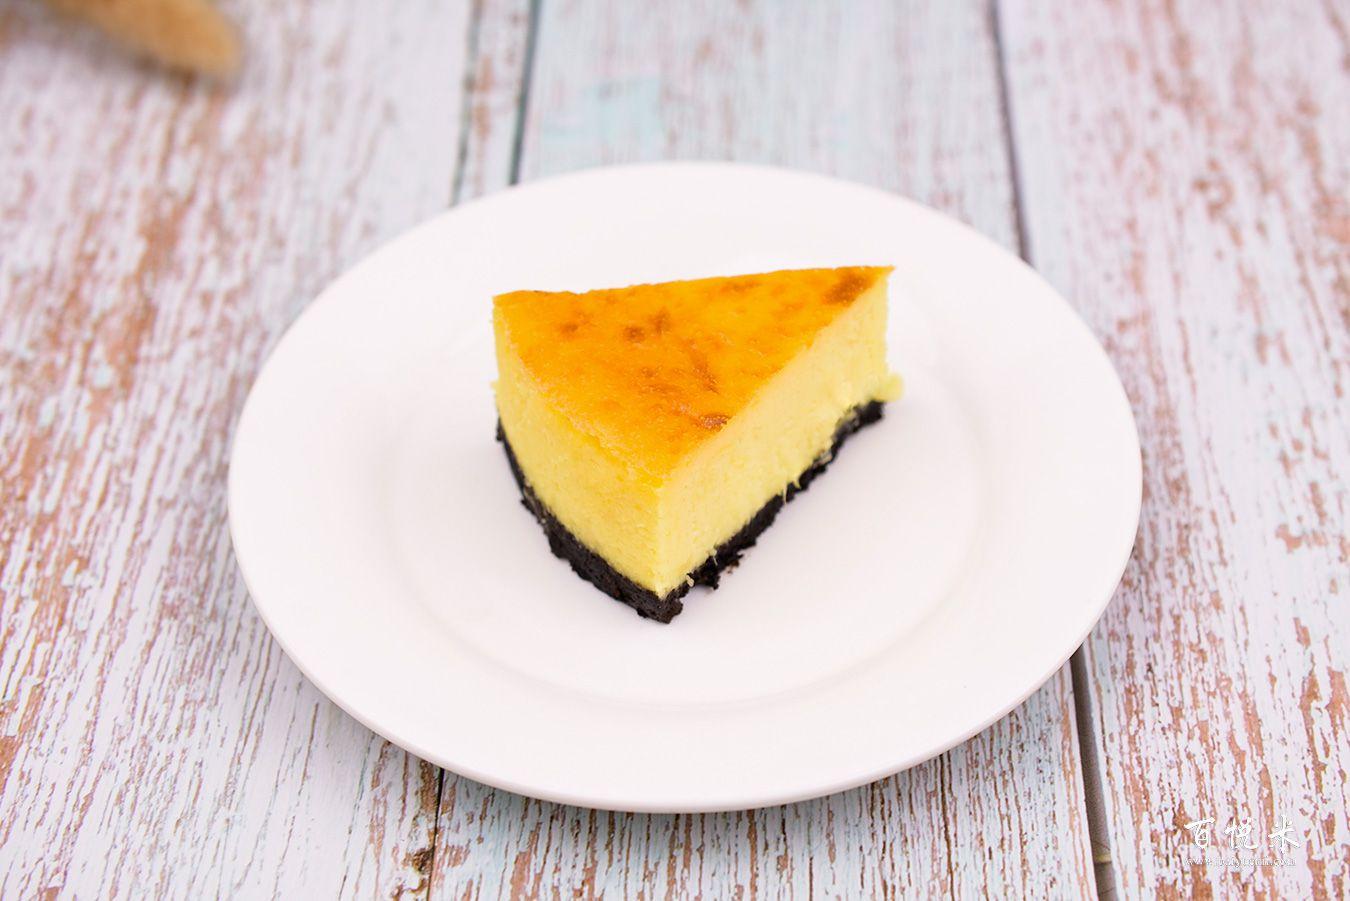 榴莲奶酪蛋糕高清图片大全【蛋糕图片】_822